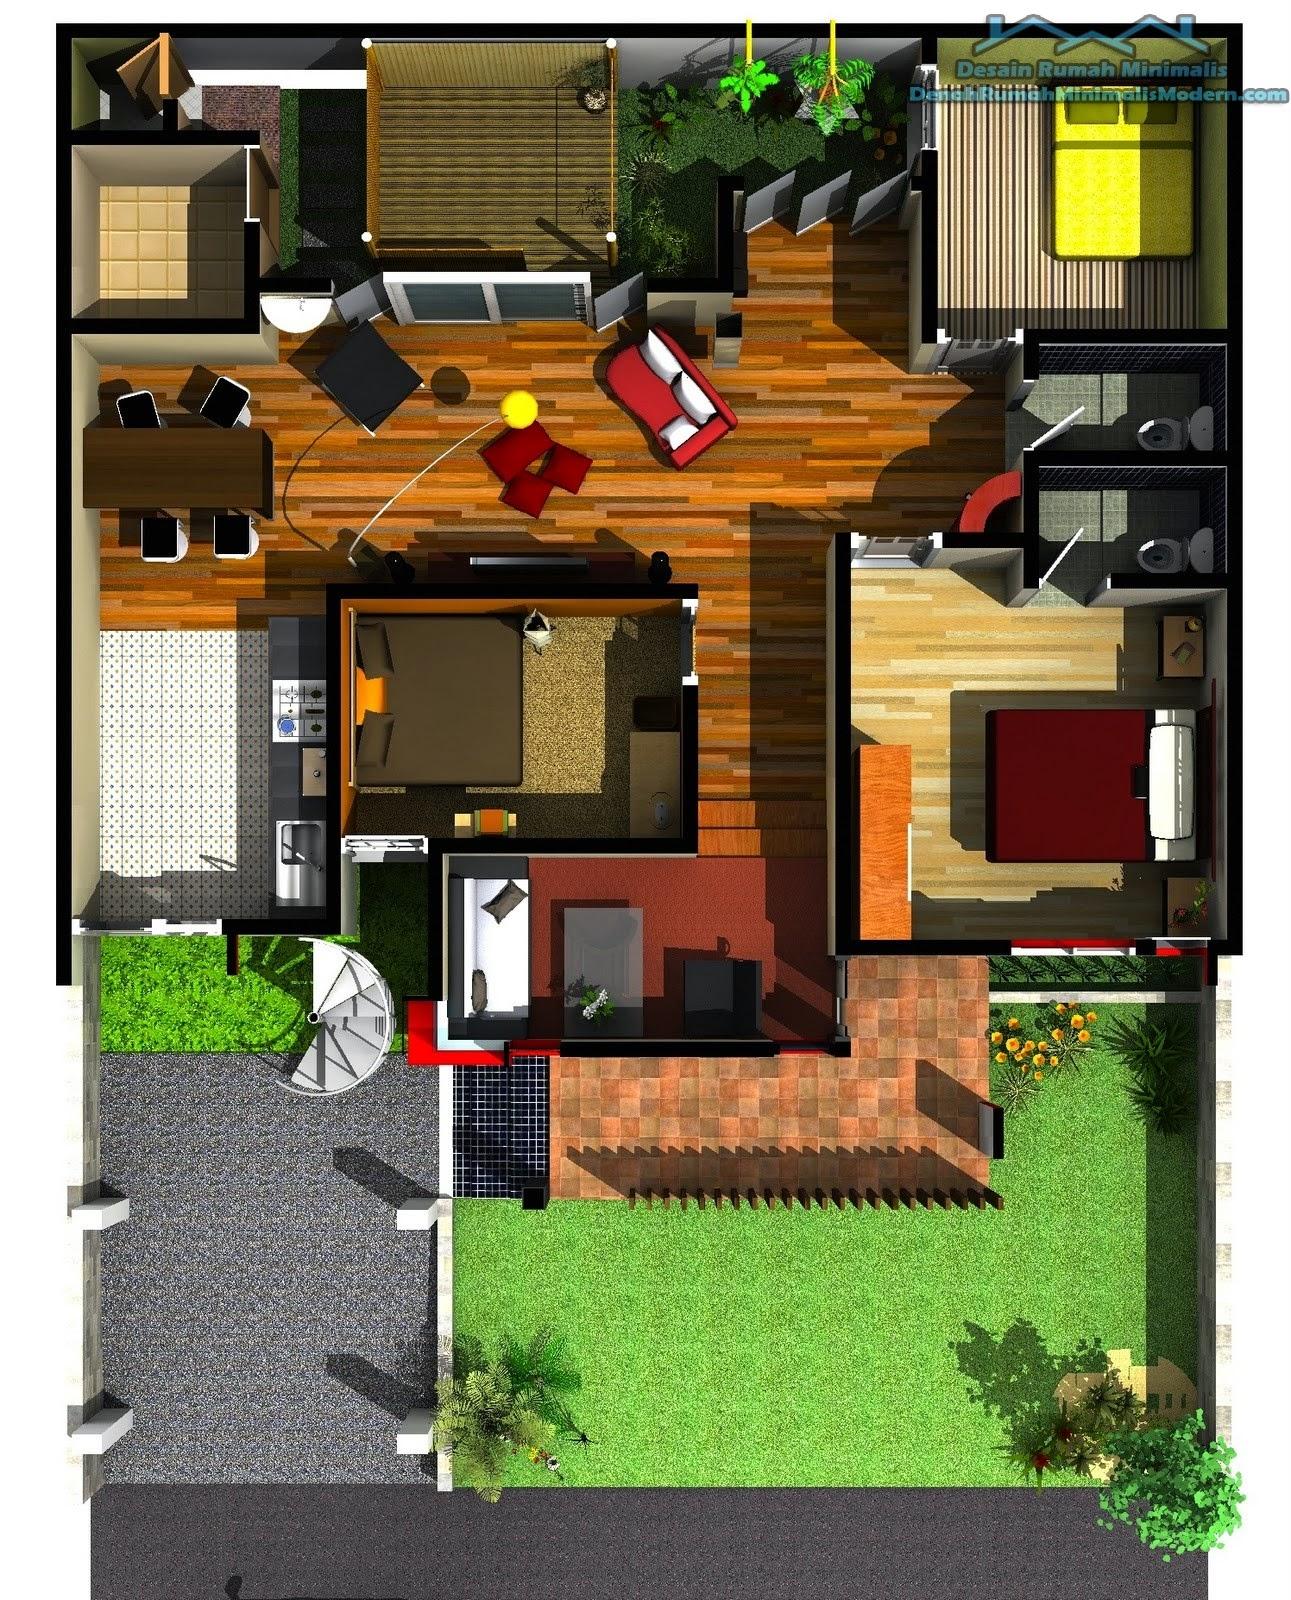 Rumah Minimalis Modern Satu Lantai & Rumah Minimalis Modern Satu Lantai Dilahan Luas Maupun Sempit ...